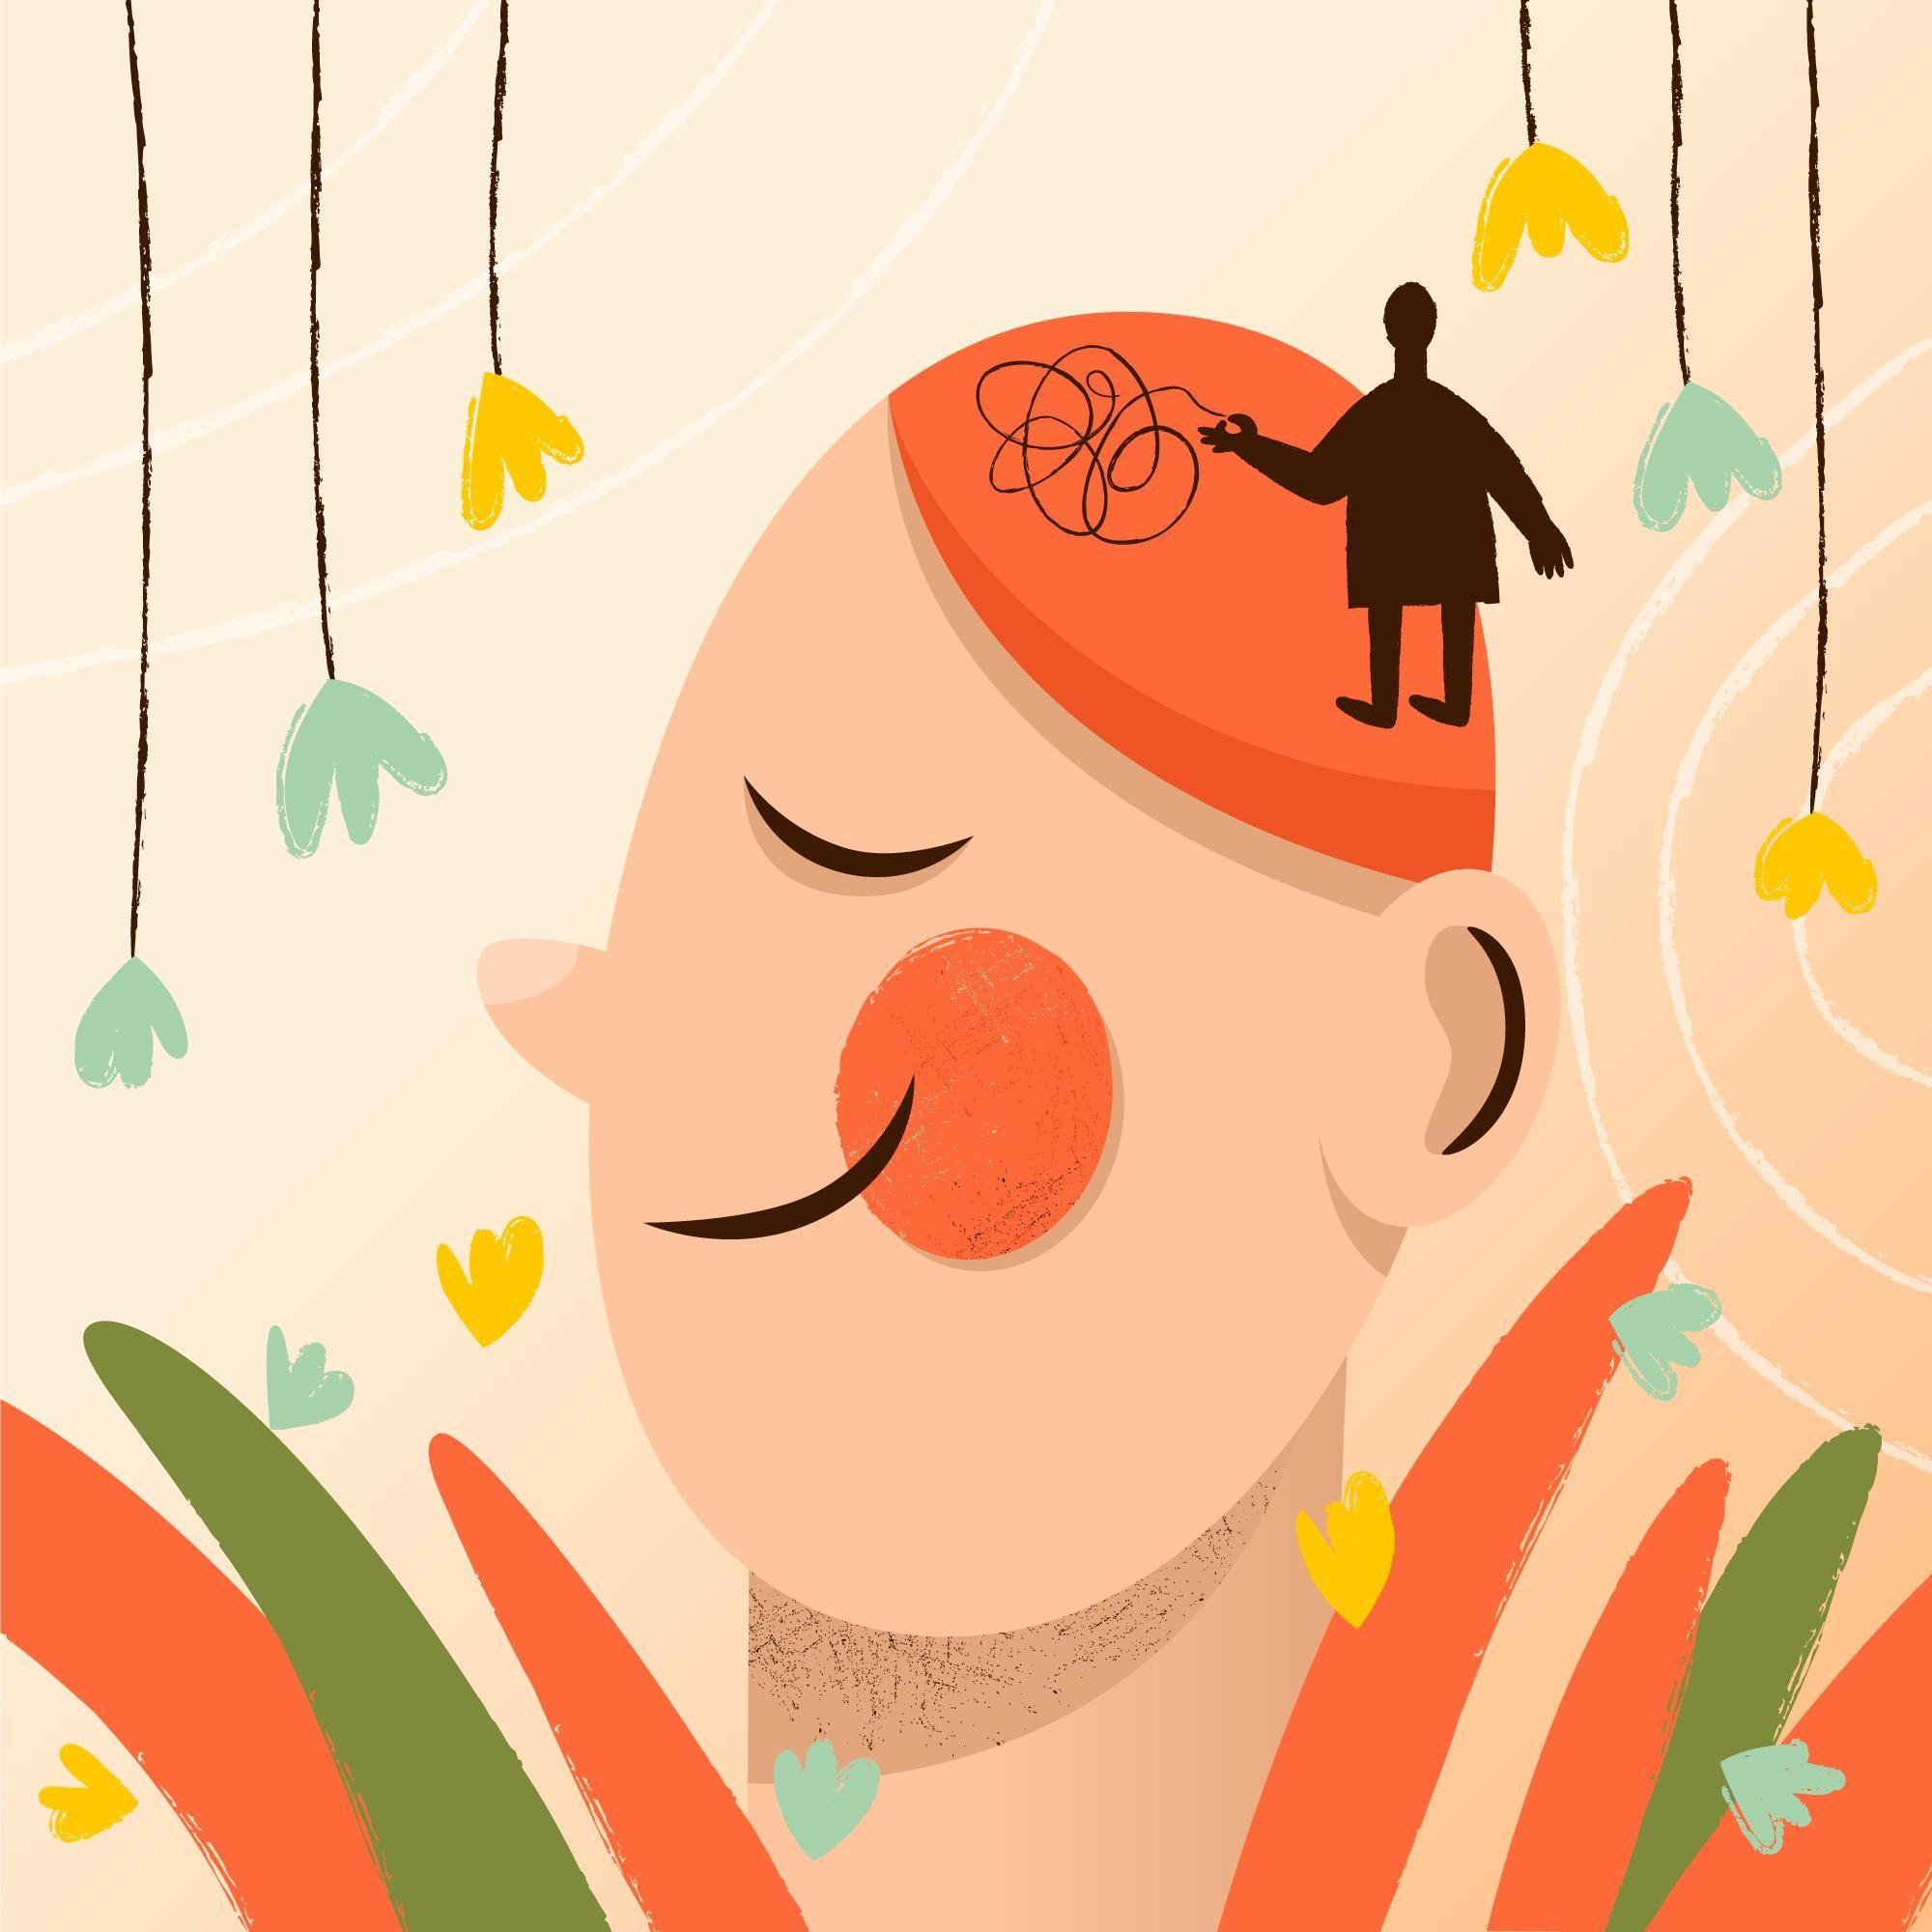 Un plan d'action pour favoriser la bonne santé mentale.